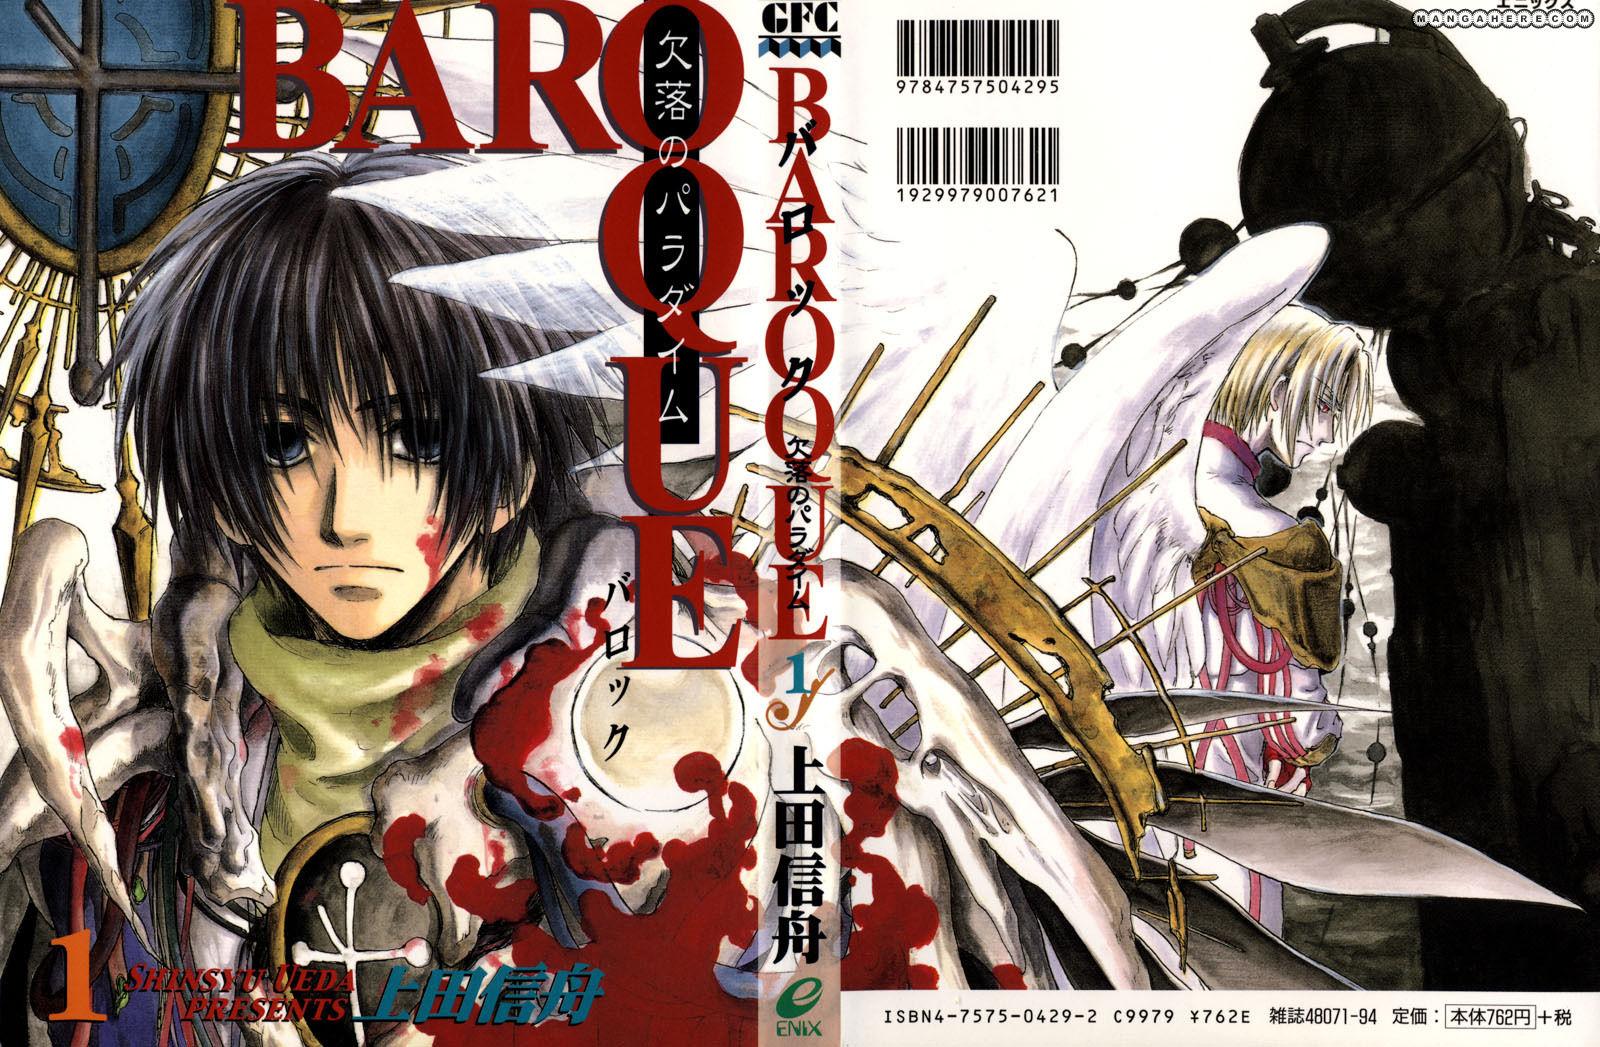 Baroque - Ketsuraku no Paradigm 1 Page 1